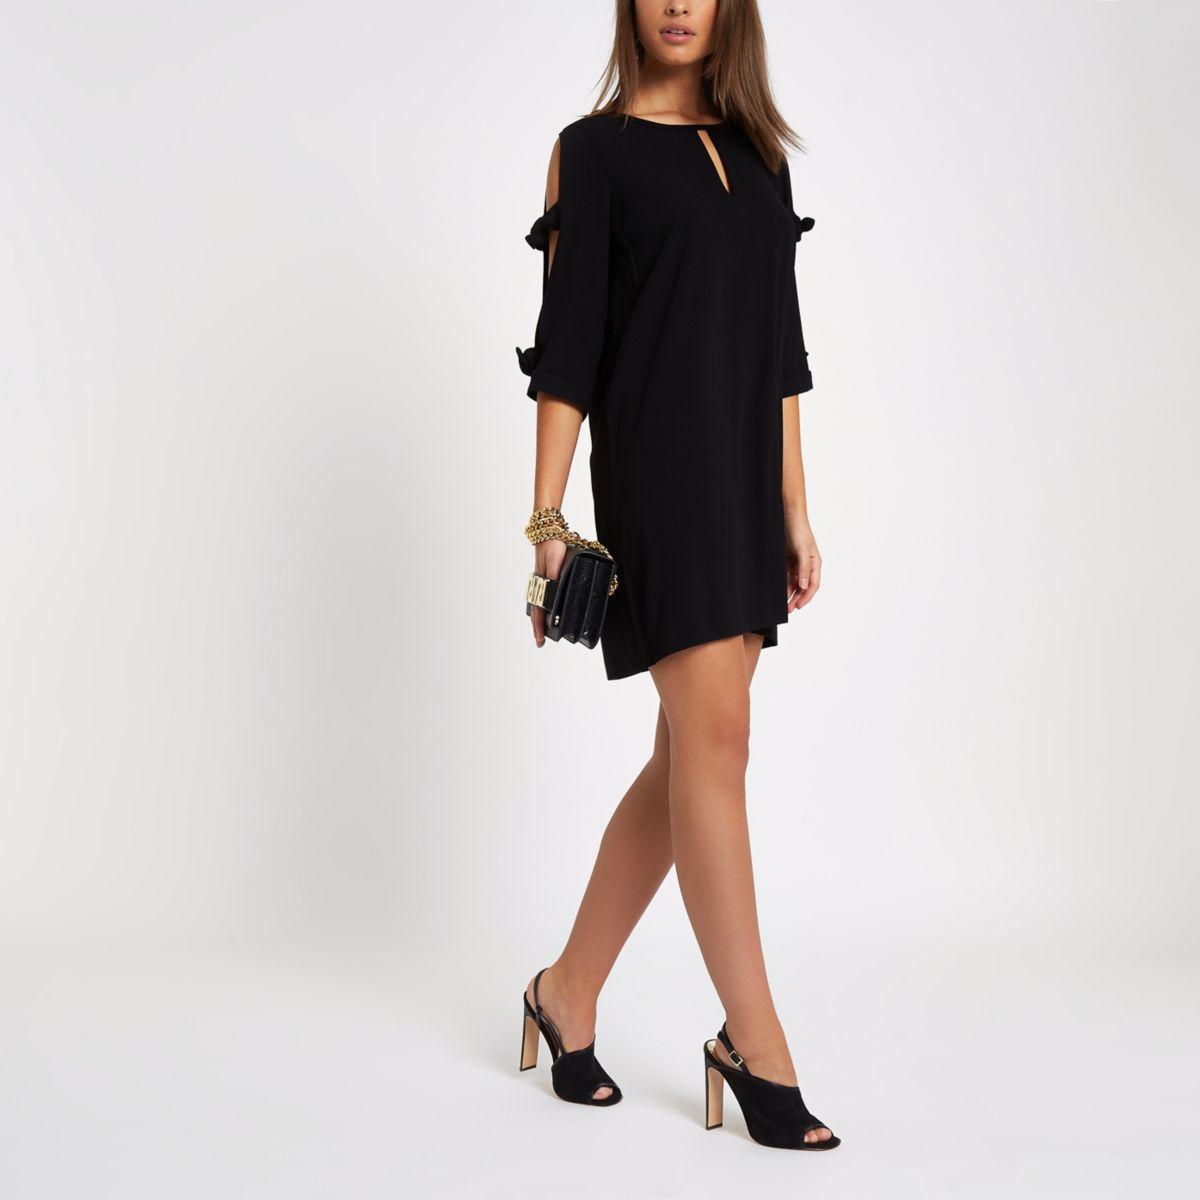 Zwarte jurk met strik aan de mouwen